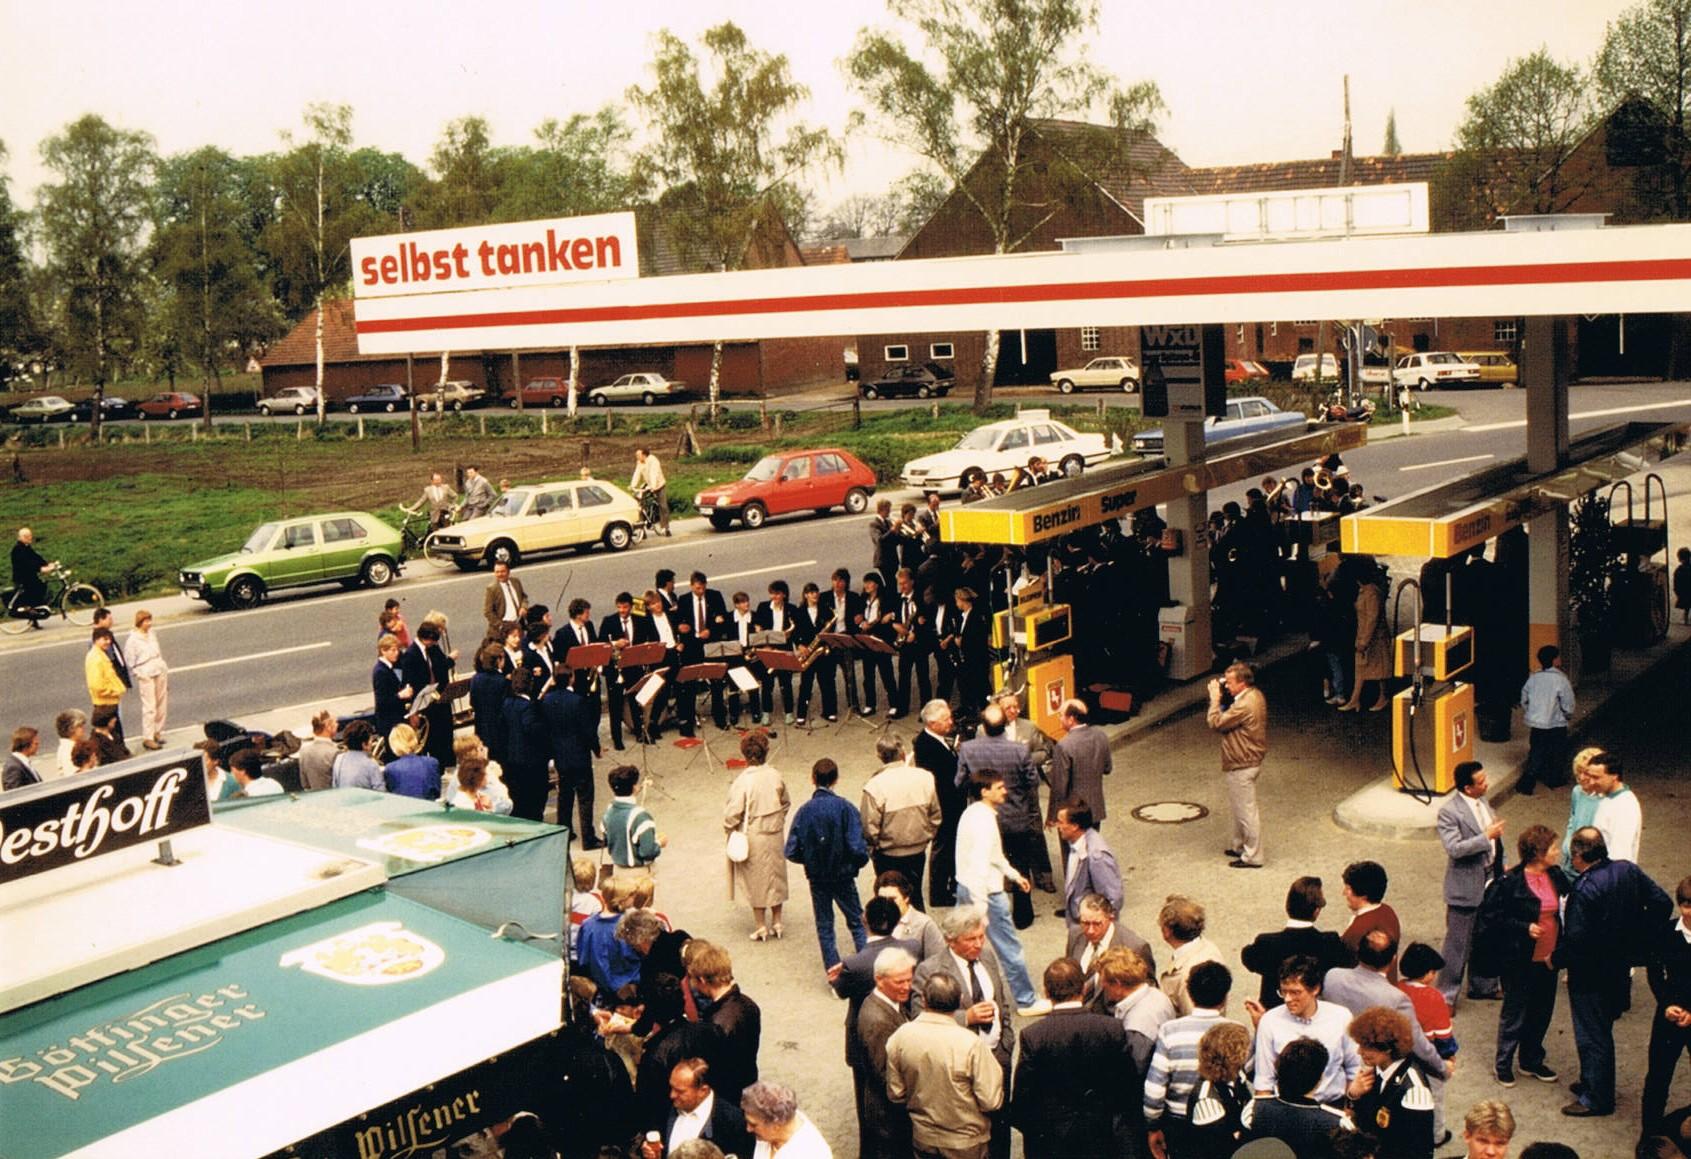 Immer wieder finden Modernisierungsmaßnahmen statt. In den späten 80ern tritt Ernsts Sohn Jürgen Duvenbeck in das Unternehmen ein. Das Foto zeigt die Feier zum 25-jährigen Bestehen im Rahmen des Dingdener Frühlingstreffs.